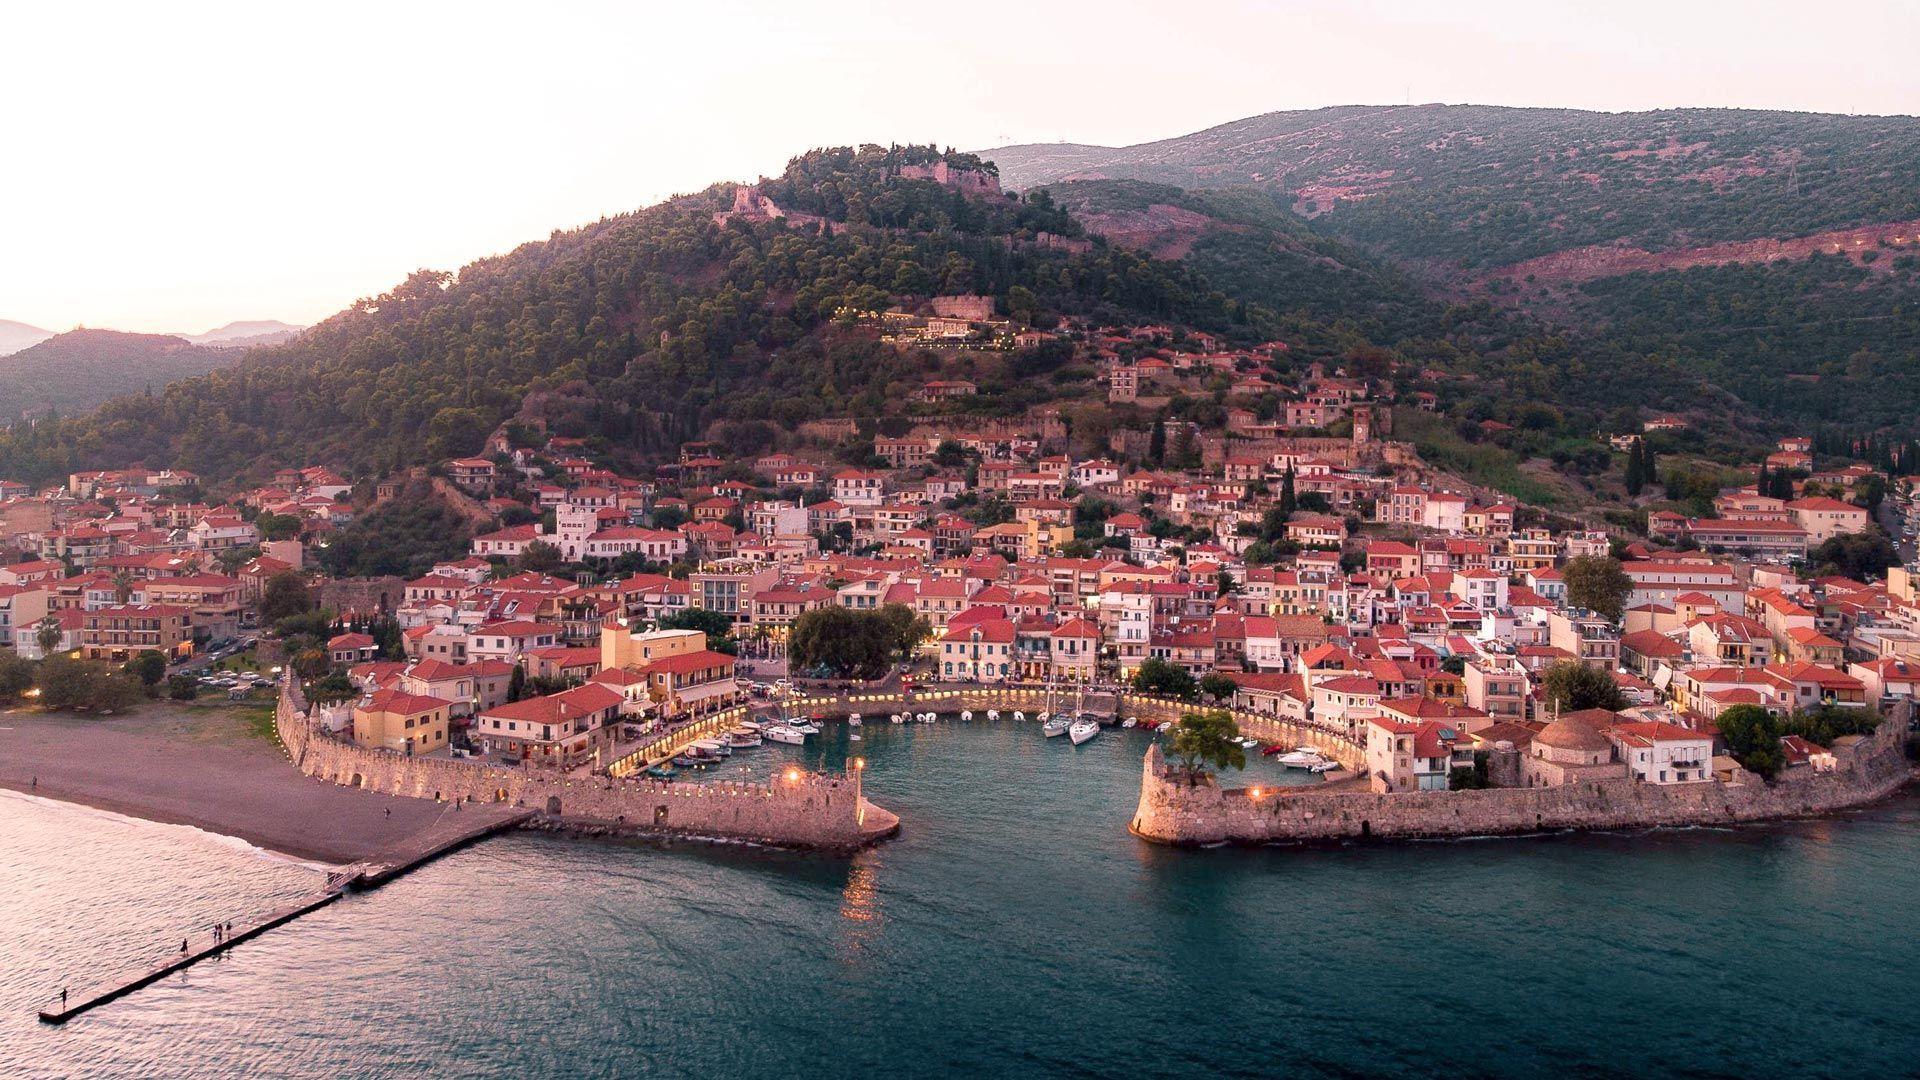 Δήμος Ναυπακτίας: Στις 31 Αυγούστου λήγει η προθεσμία δήλωσης τετραγωνικών ακινήτων